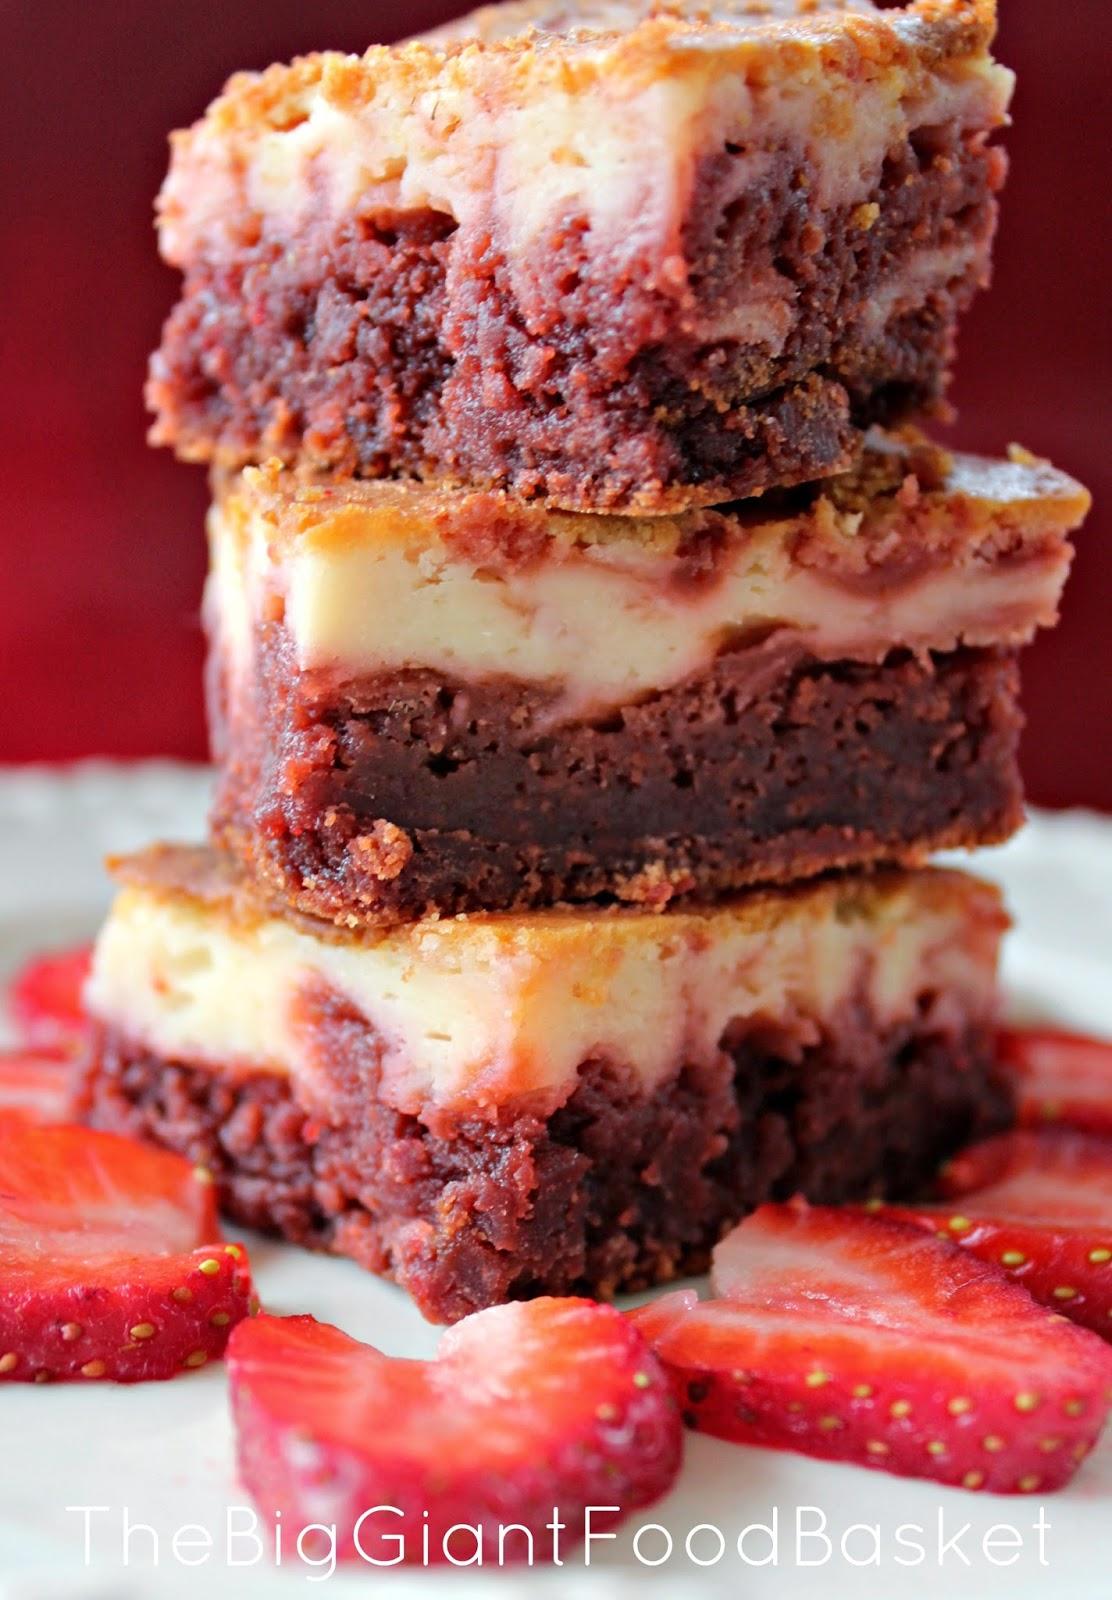 The Big Giant Food Basket: Red Velvet Cheesecake Swirl Brownies